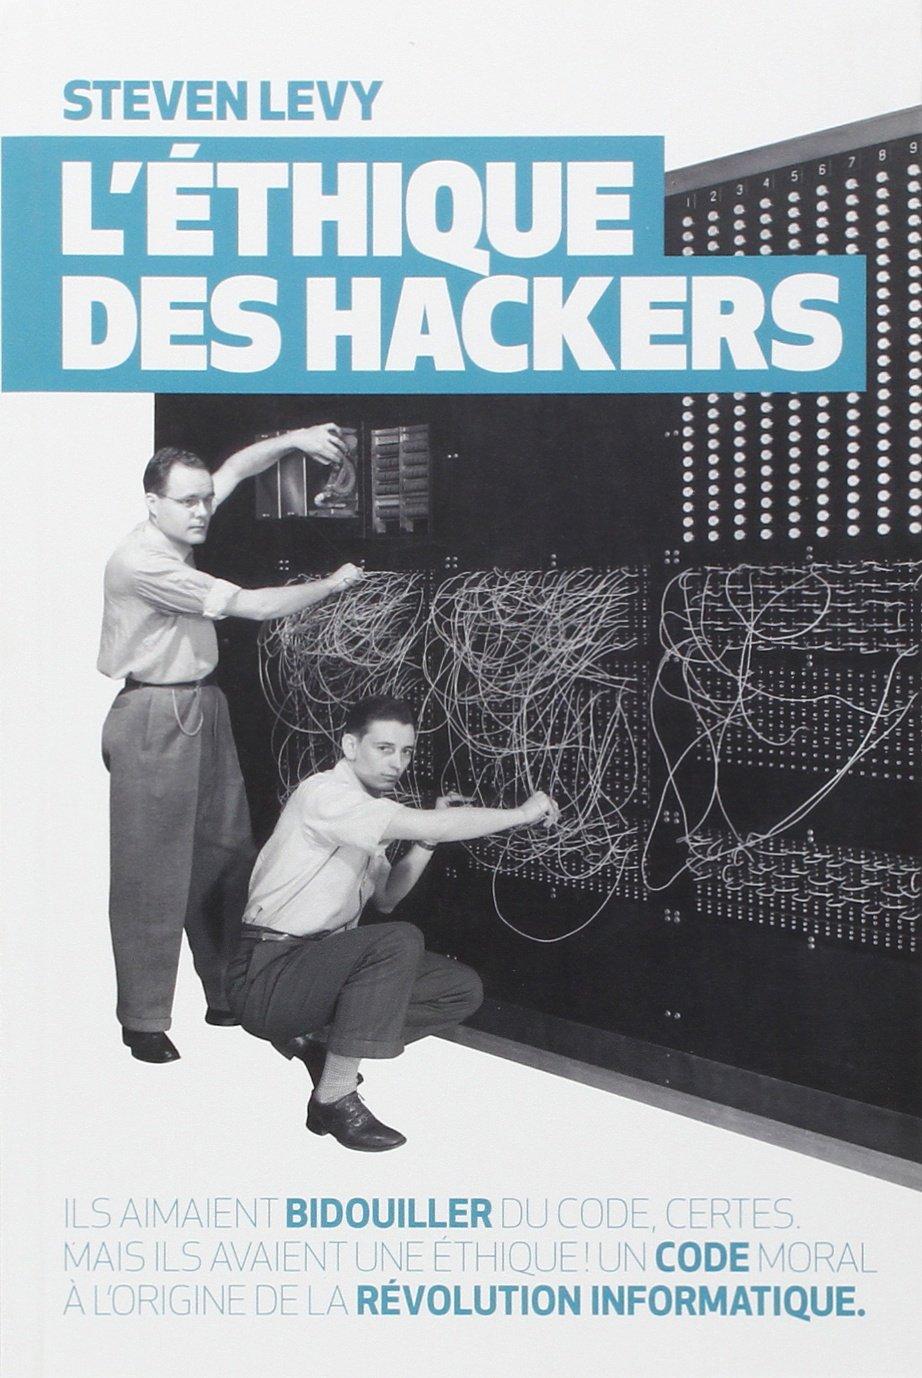 Éthique des hackers